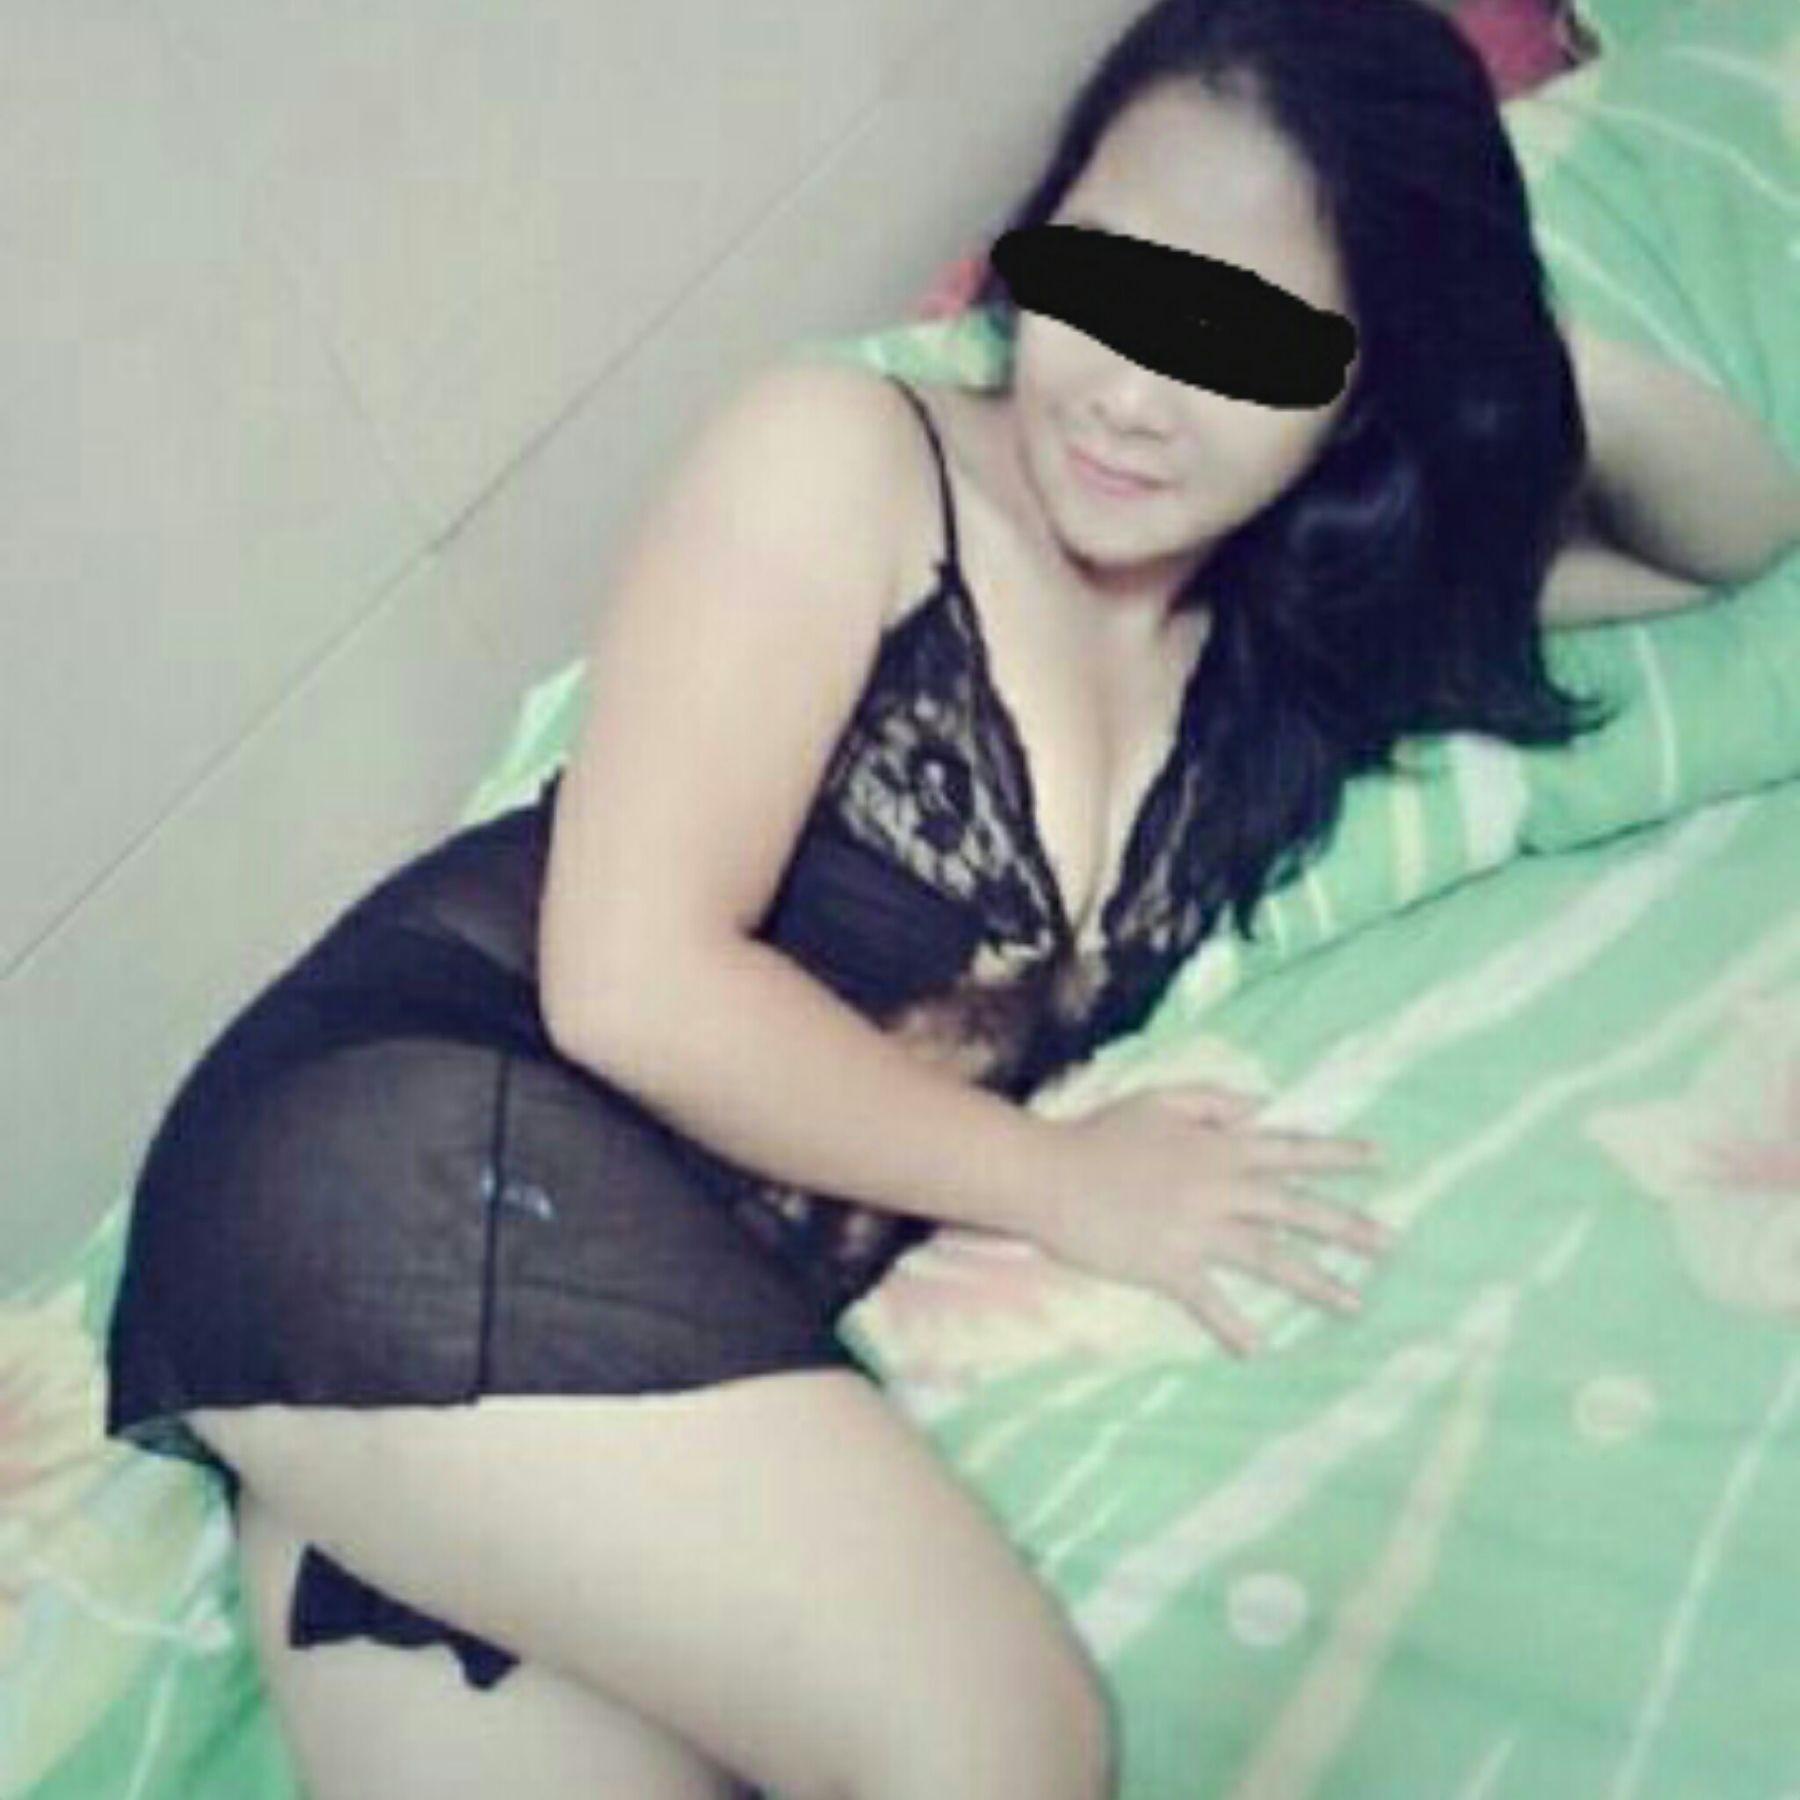 indonesian escort